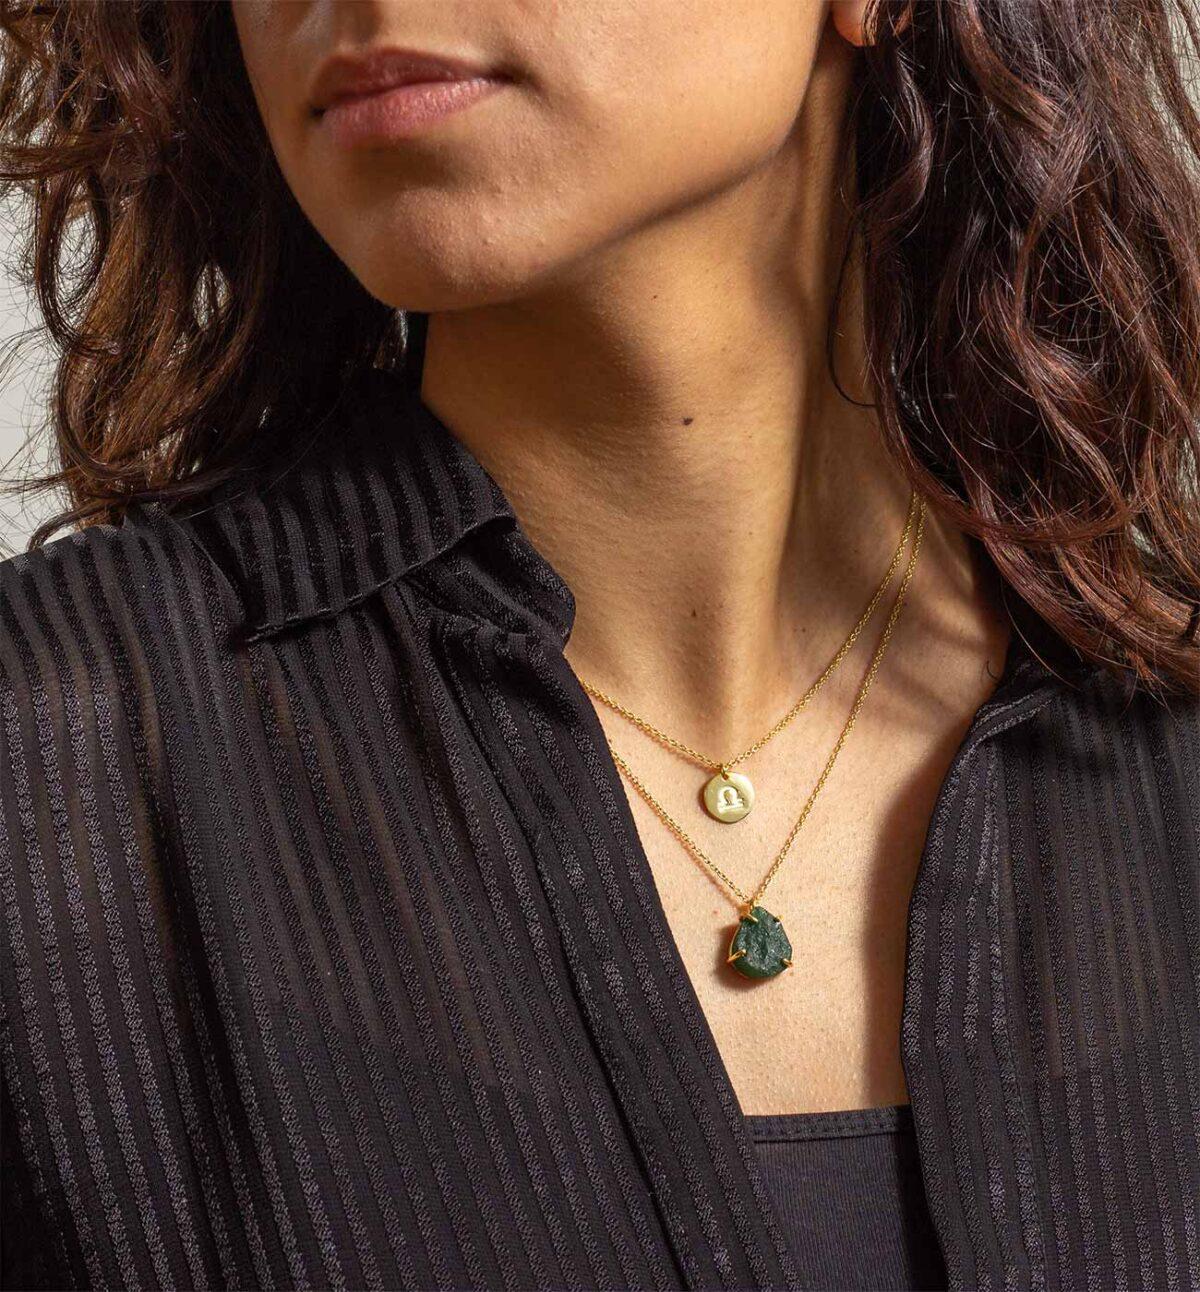 Geburtsstein Kette des Sternzeichen Waage mit Grüner Jade und Symbol